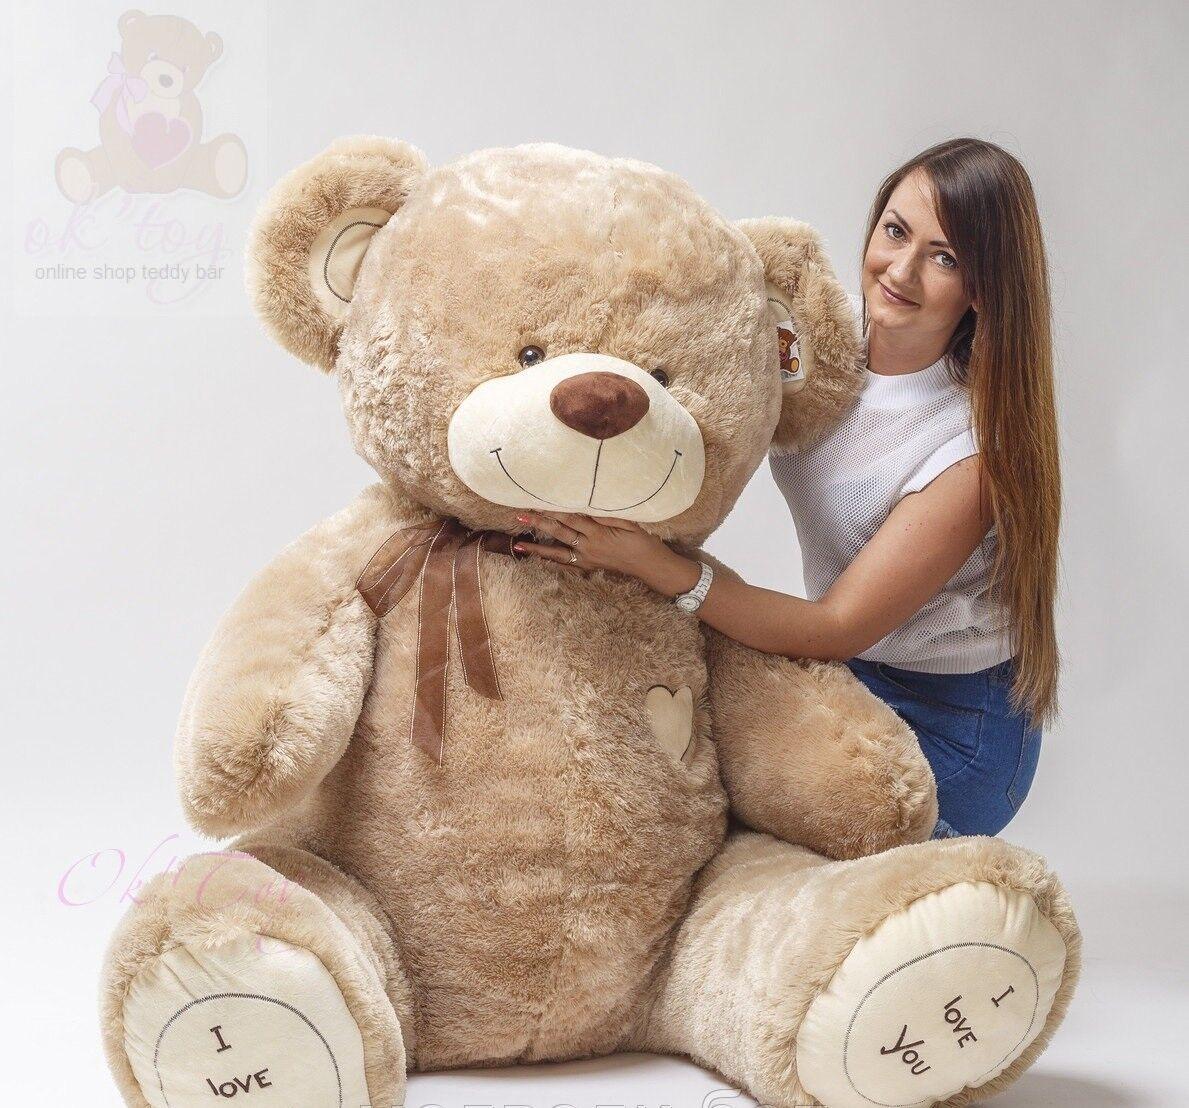 Teddybär 190 cm BIG XXL Riesen Kuscheltier Stofftier Plüschtier Geschenk